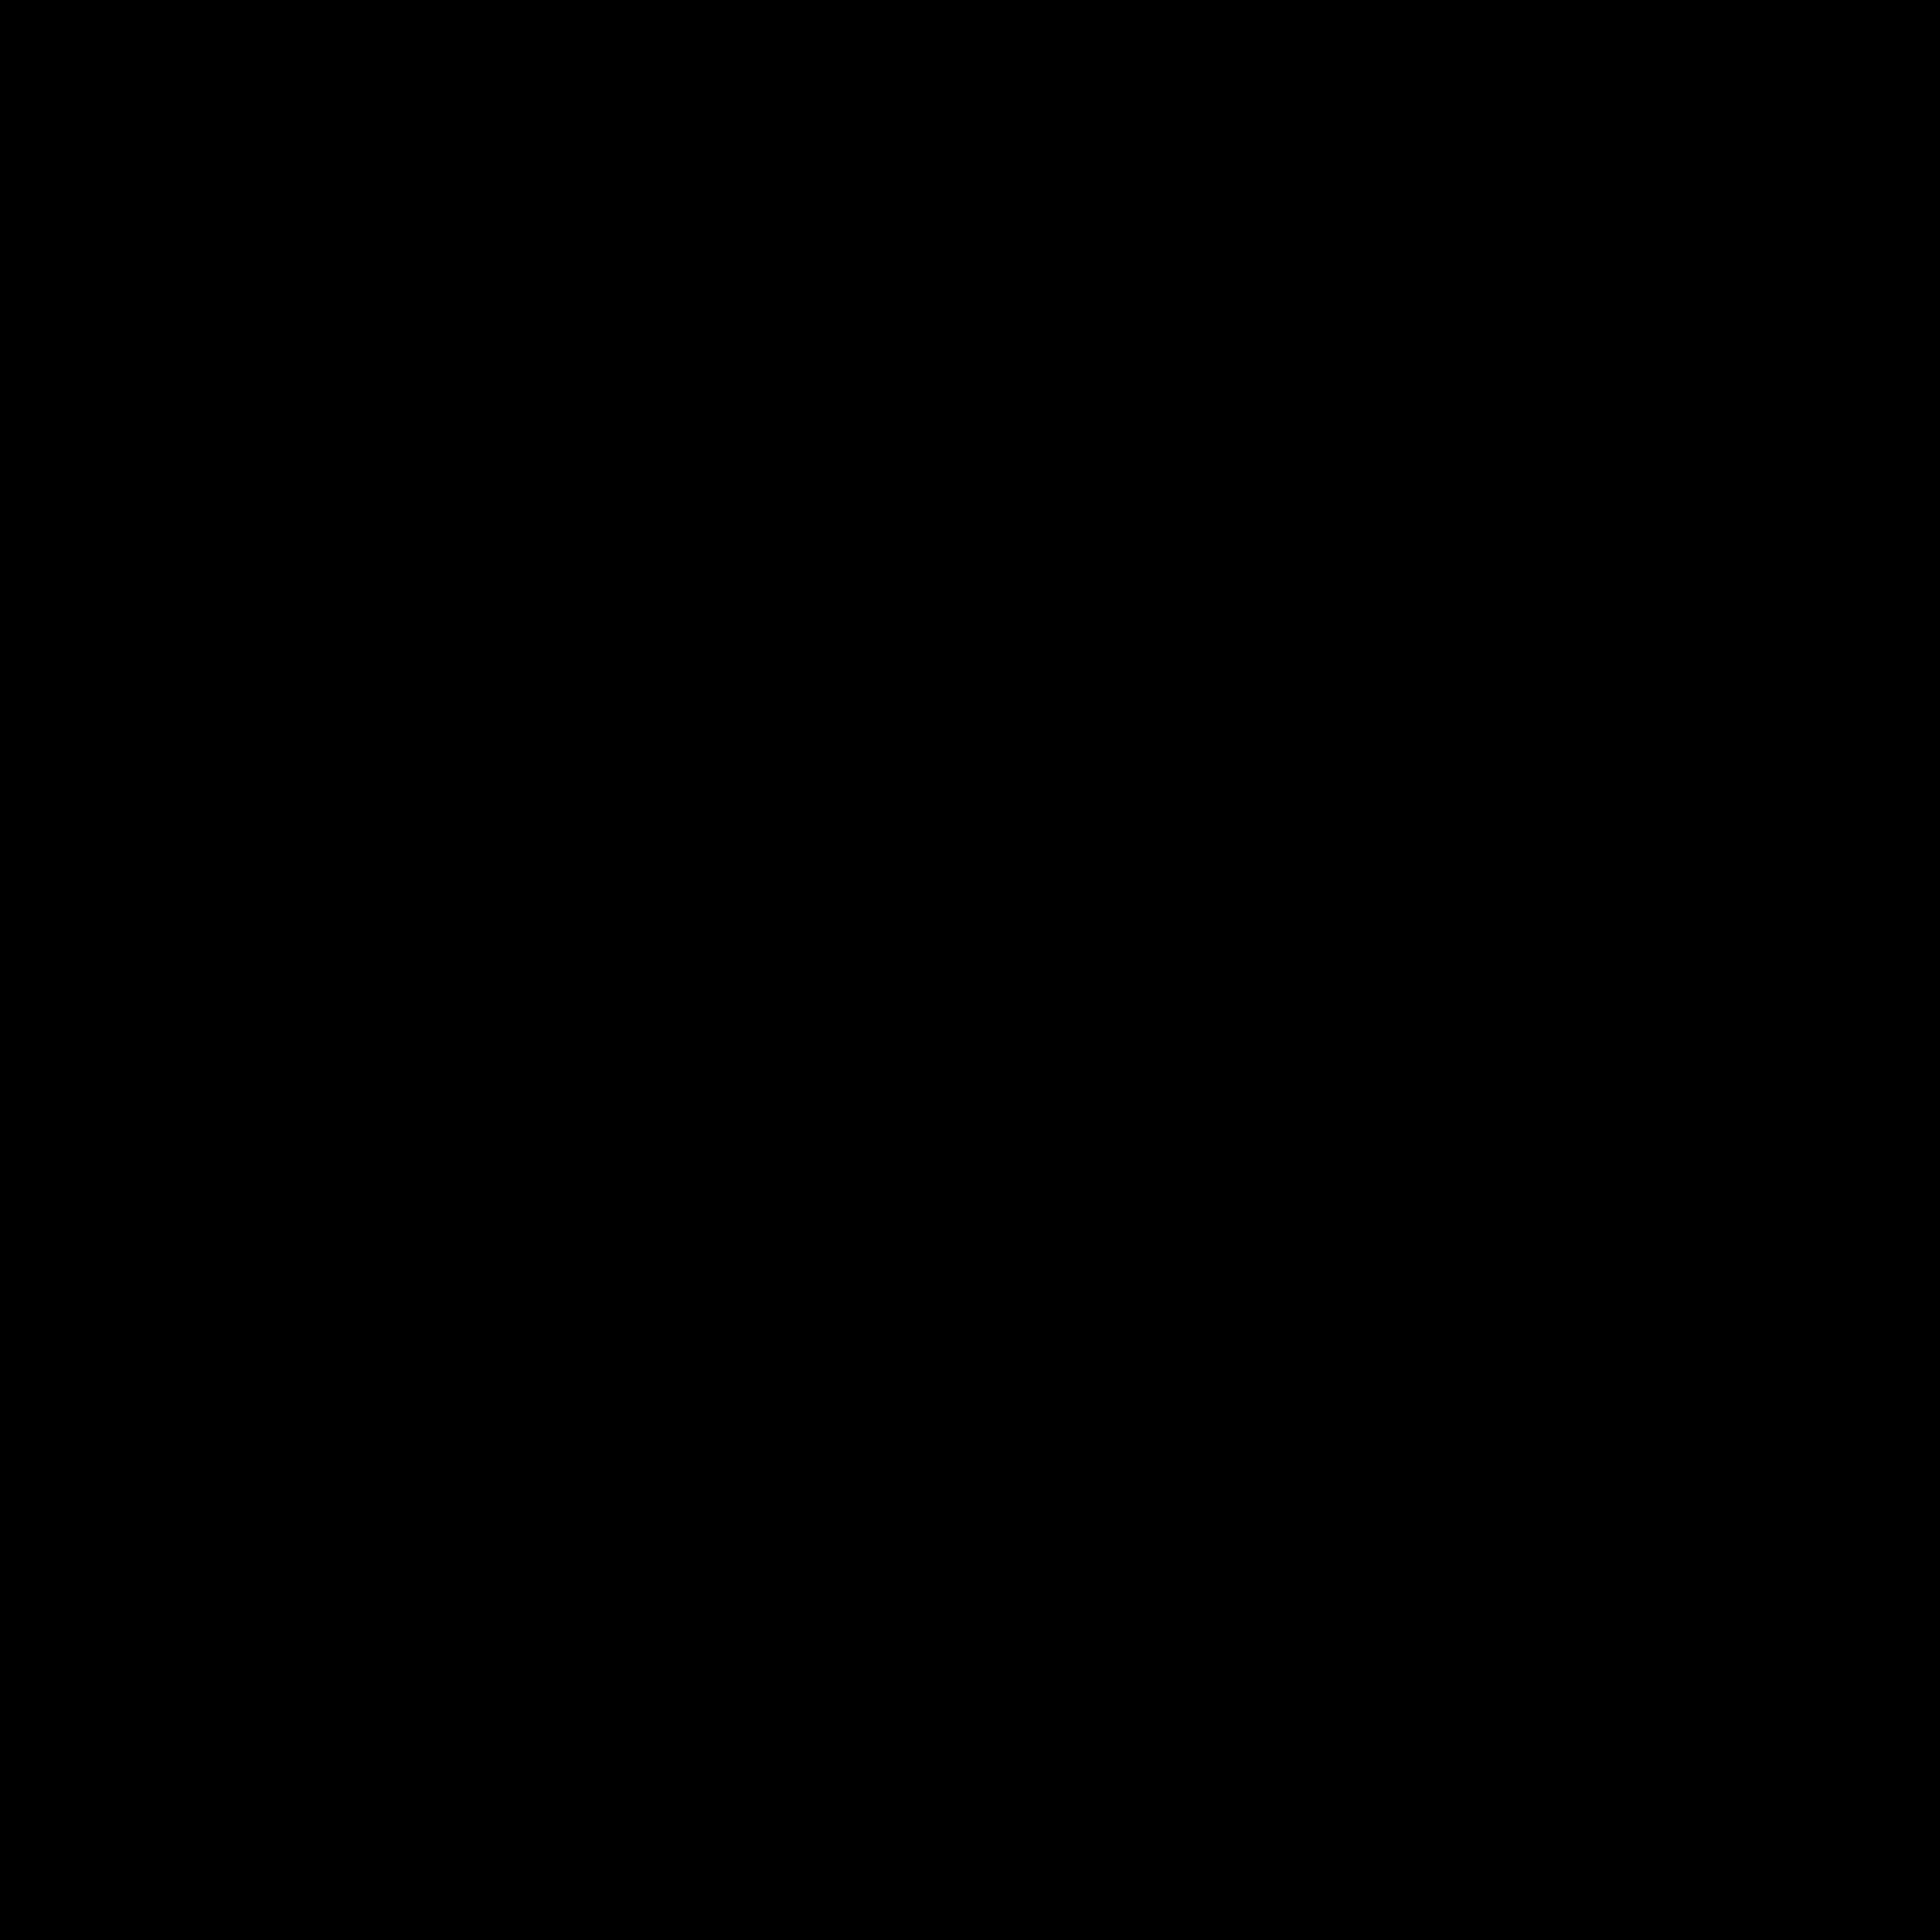 kef-1-logo-png-transparent.png